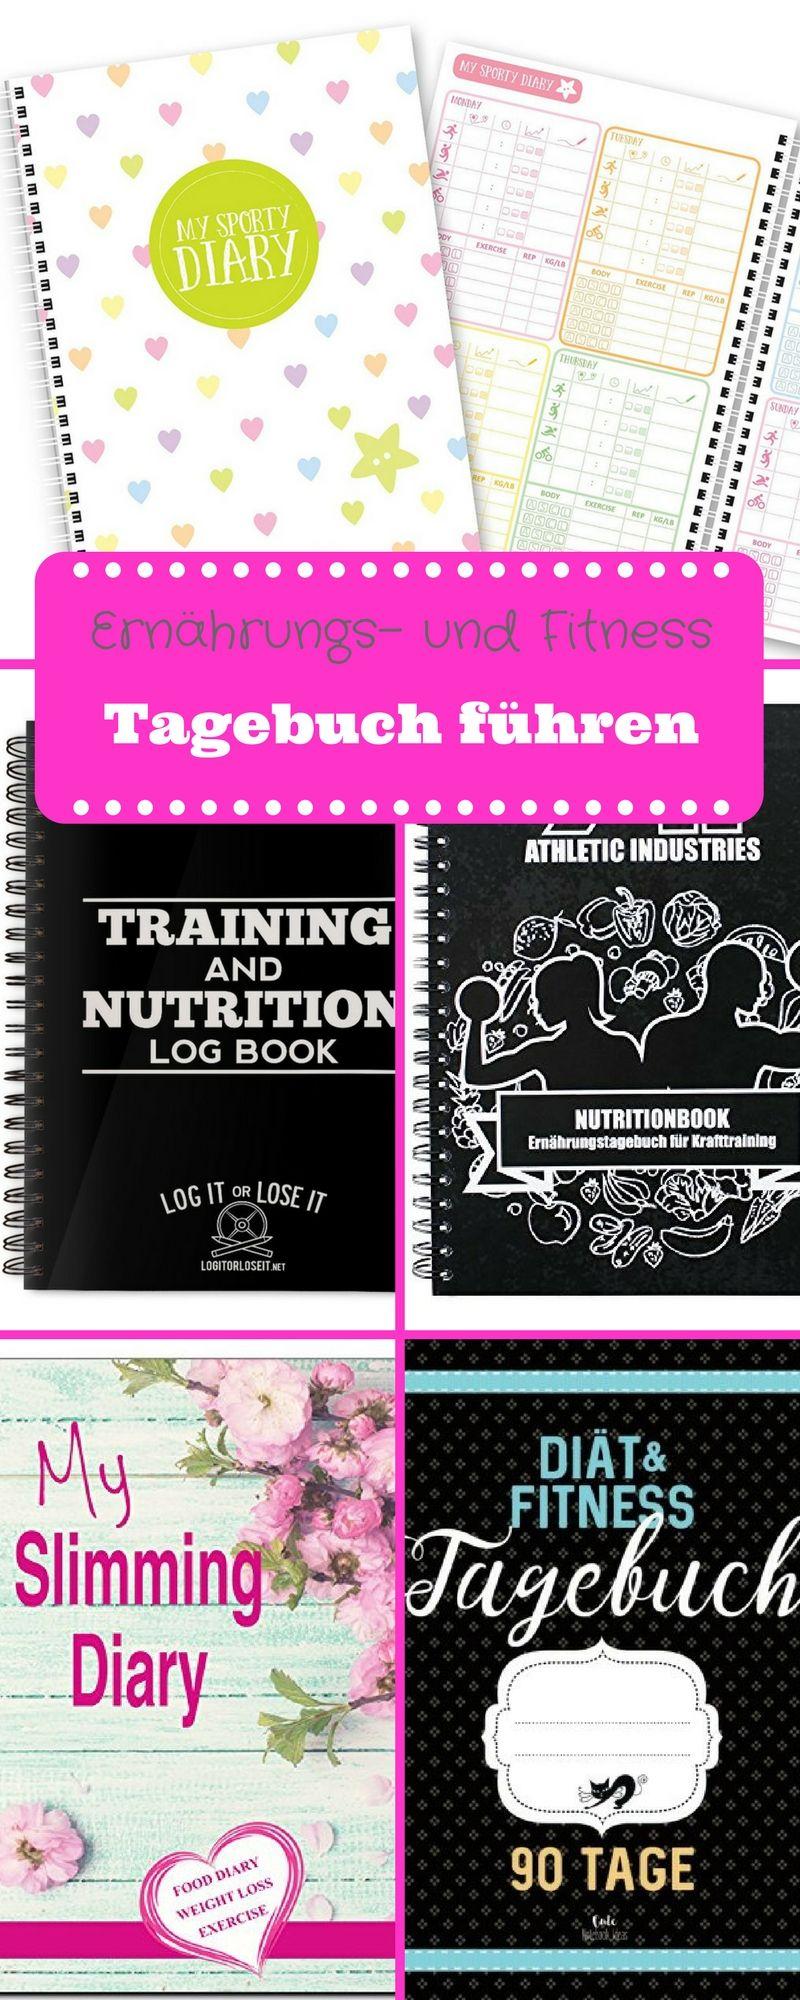 Ernährungs- und Fitness Tagebuch führen | Motivation and Weight loss